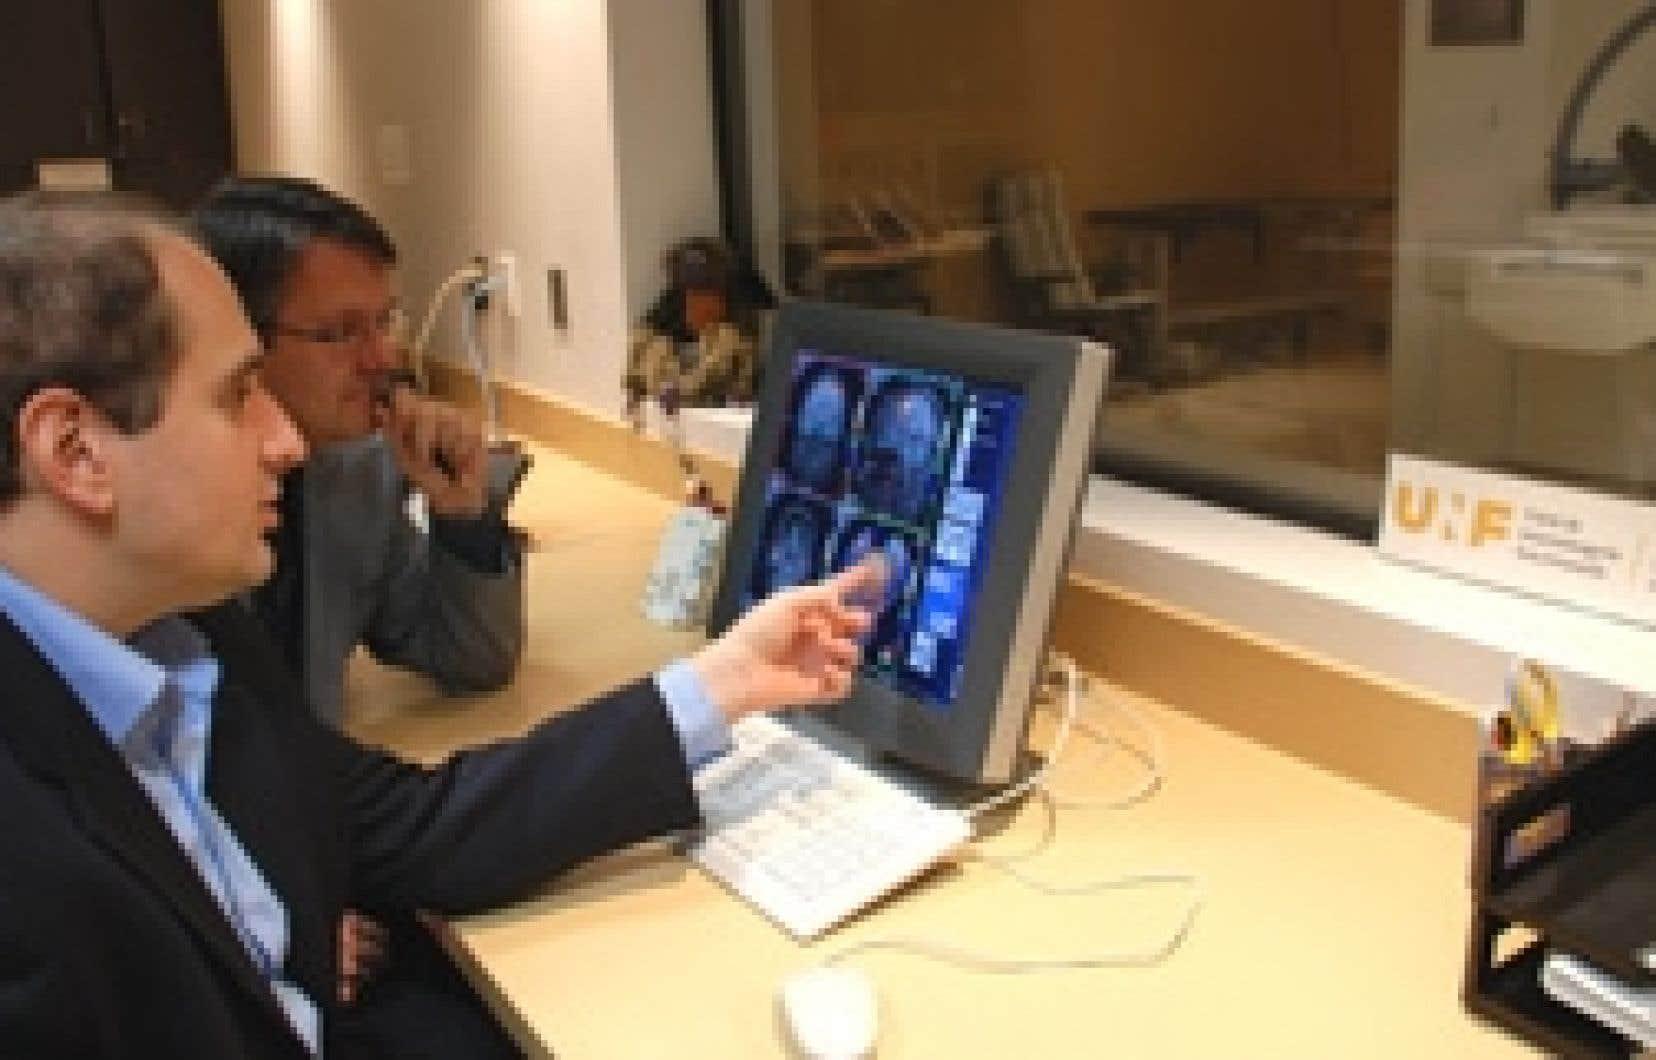 Julien Doyon, directeur scientifique de l'Unité de neuroimagerie fonctionnelle de l'Institut universitaire de gériatrie de Montréal, et son adjoint, Ouri Monchi, peuvent, grâce à de nouvelles techniques d'imagerie, examiner avec une précision